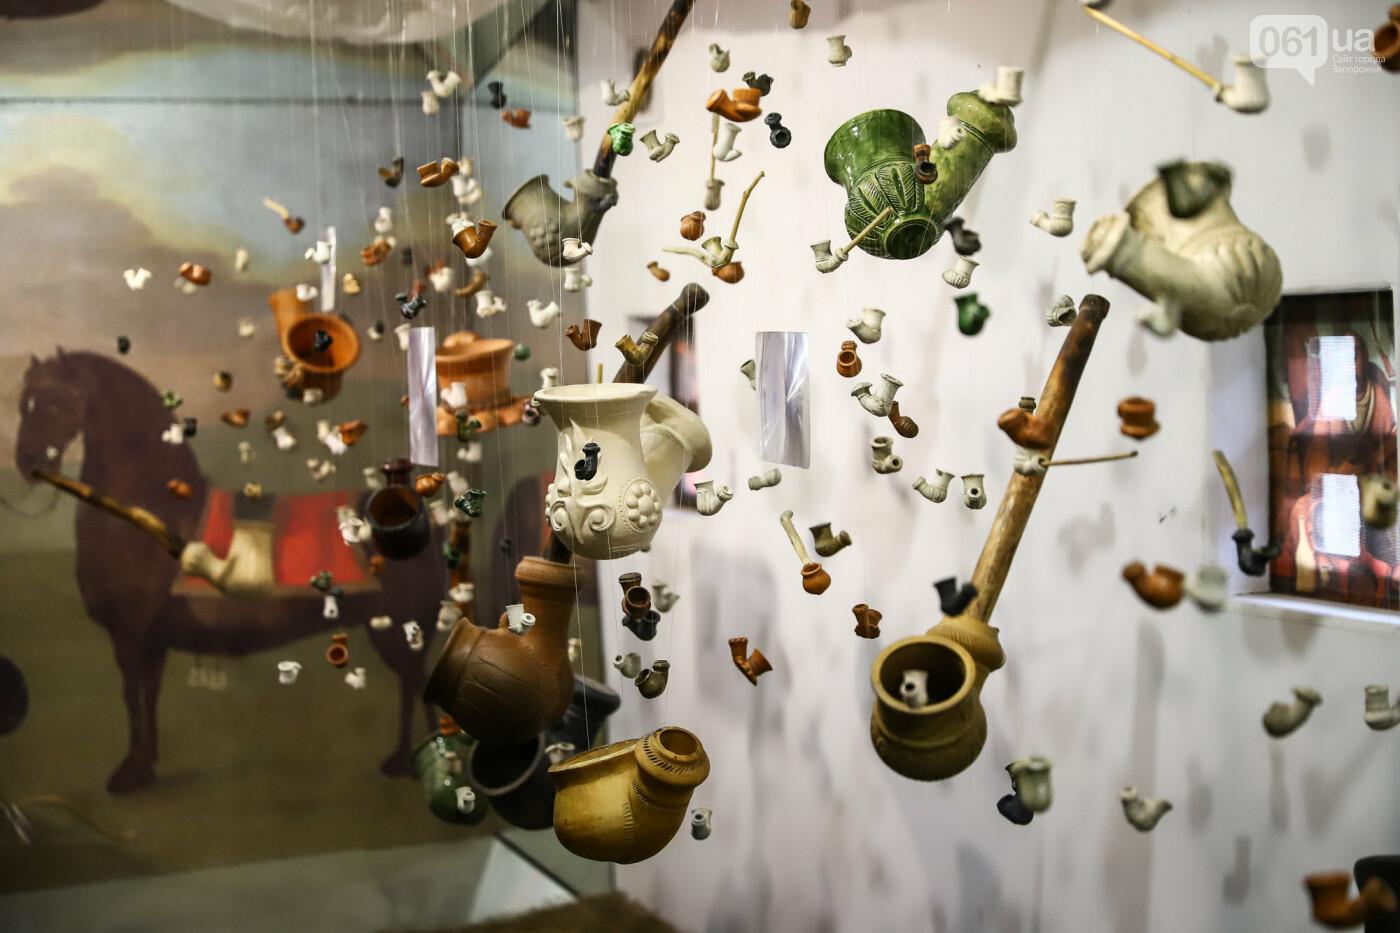 На Запорожской Сечи пополнилась уникальная коллекция казацких люлек: что курили казаки и о чем может рассказать трубка, фото-18